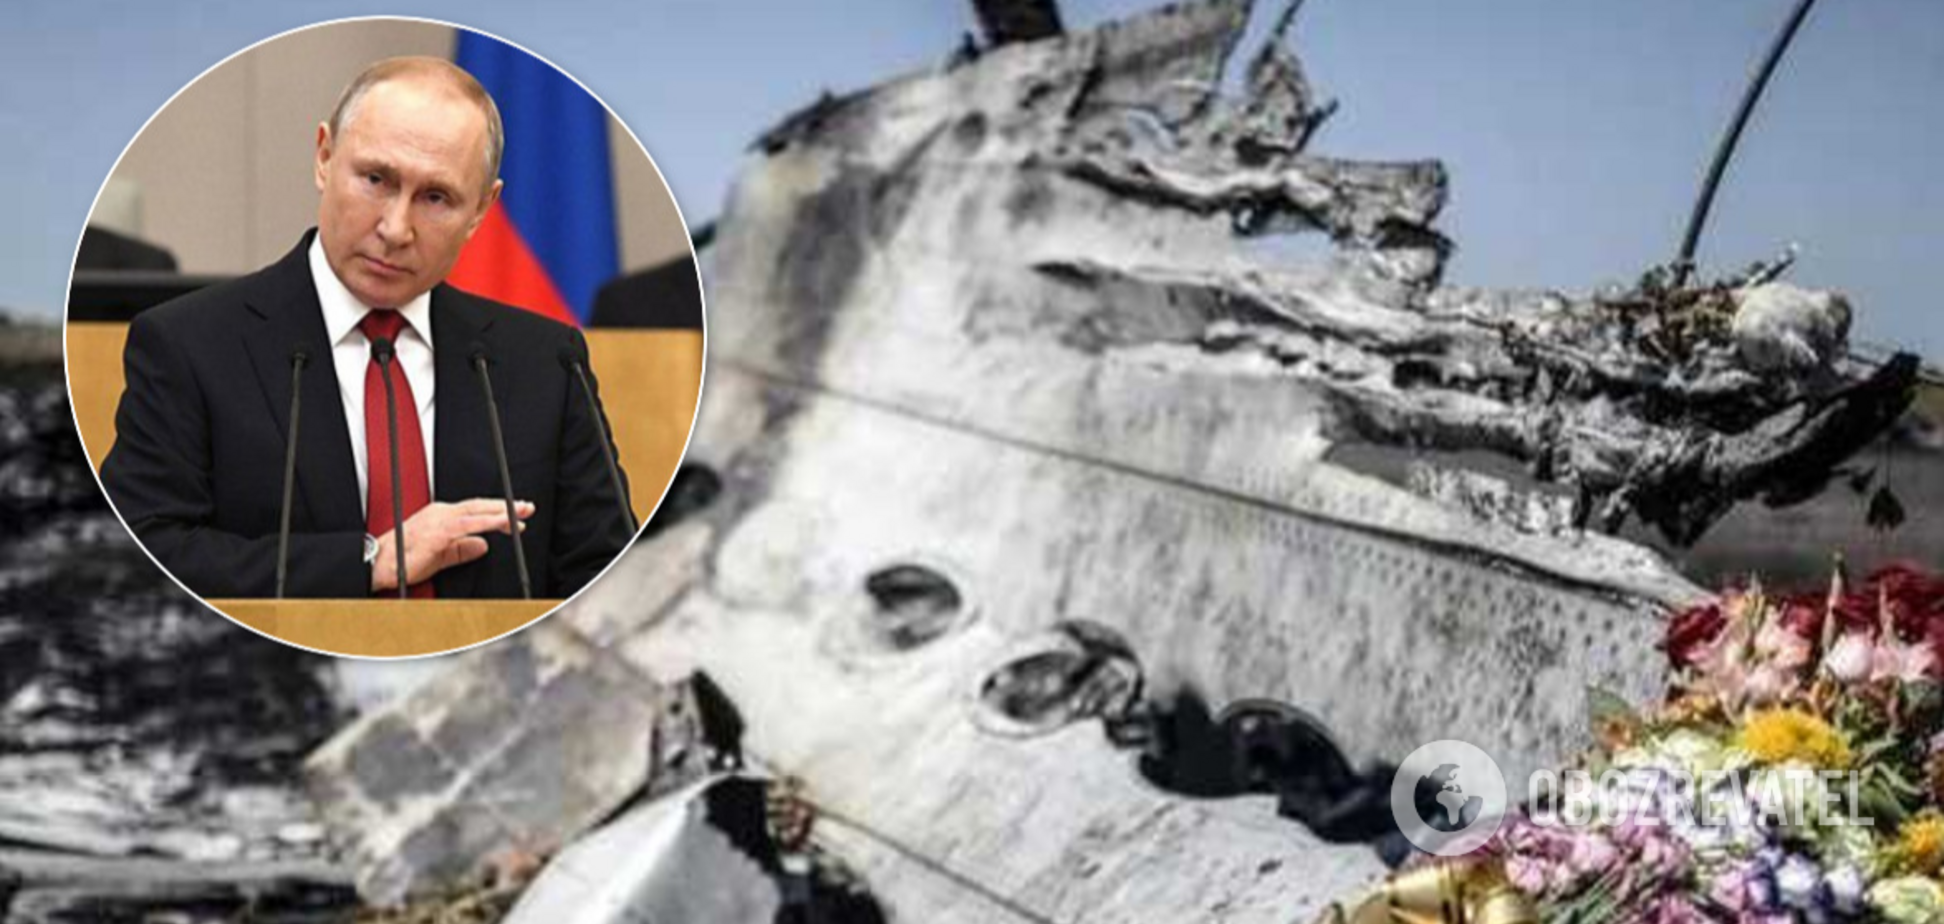 Сім'ї жертв МН17 подали розгромний позов проти Путіна